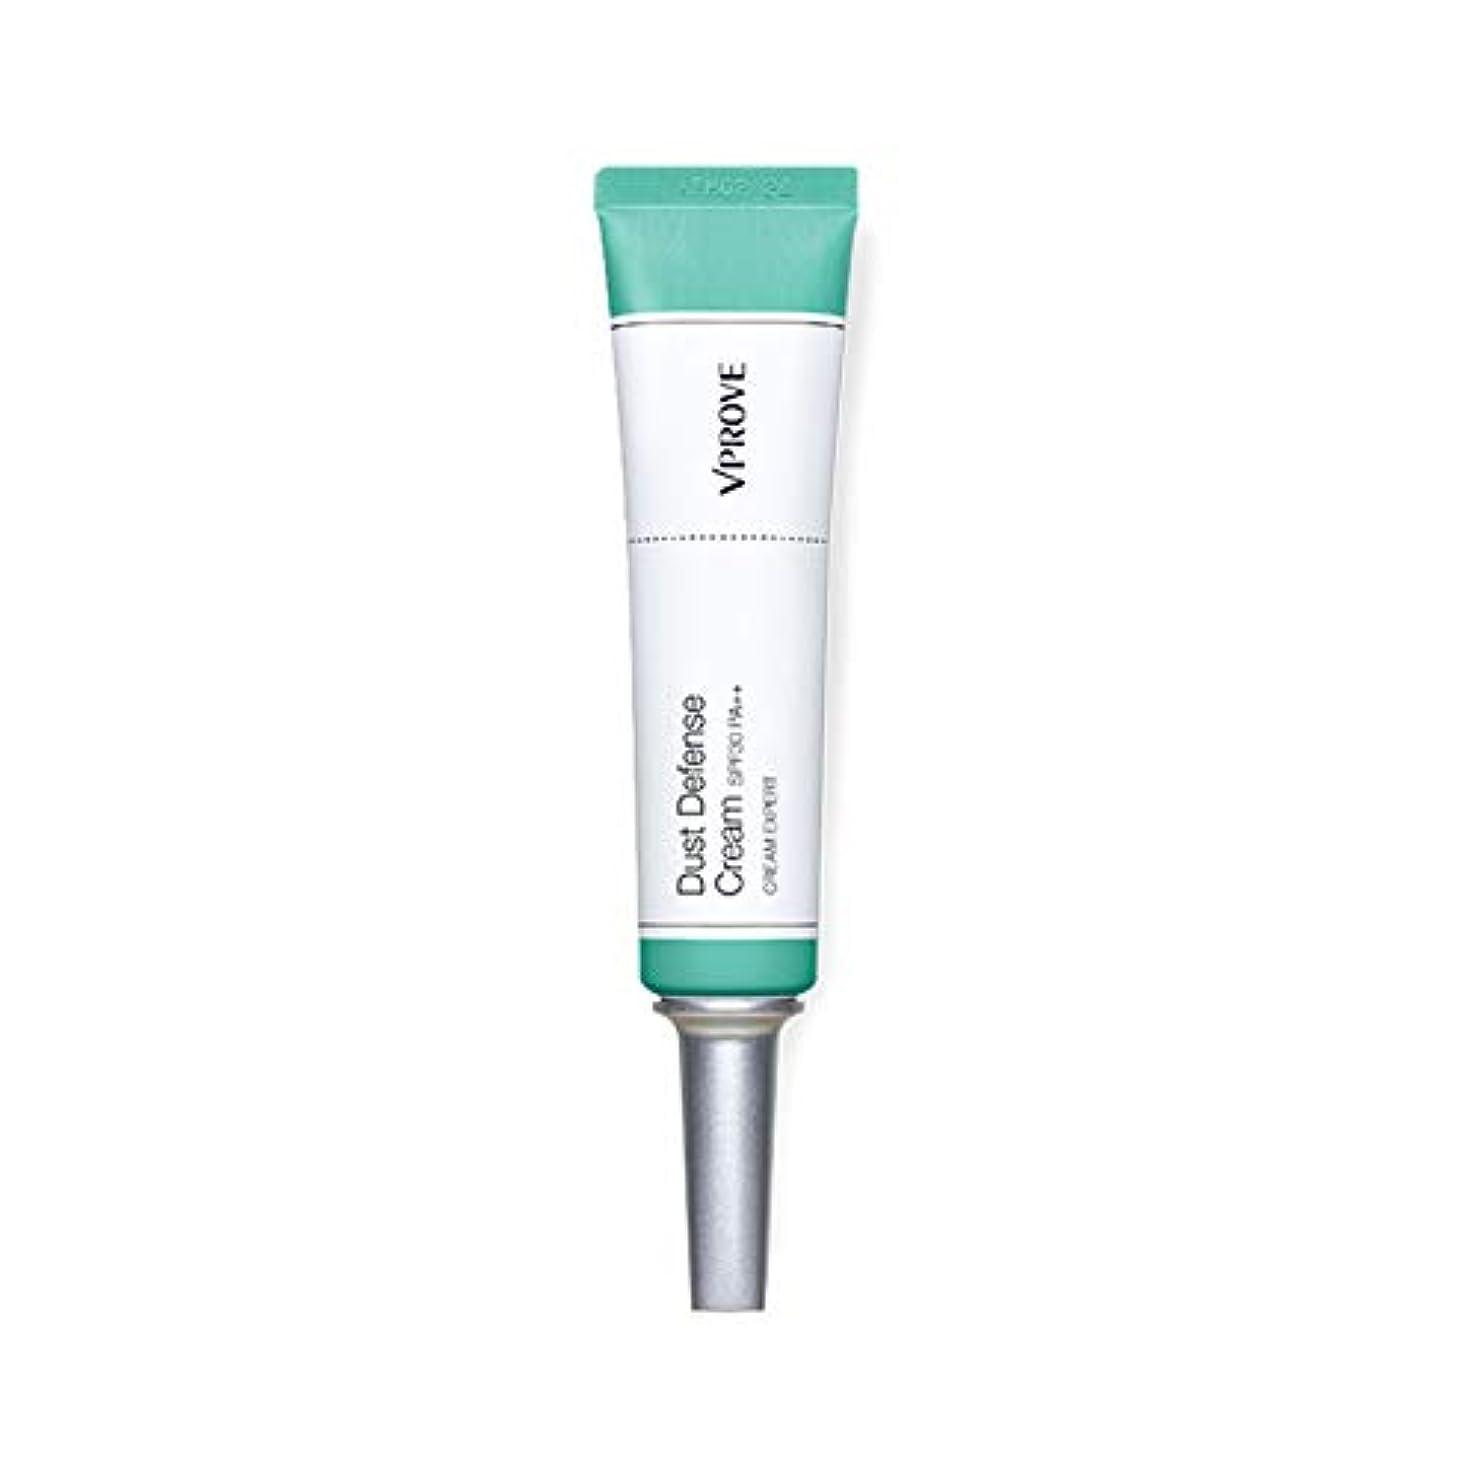 描くアカデミーの[コスモコス]COSMOCOS VPROVE クリームエキスパートダストディフェンスクリーム SPF30 PA++ 35g 海外直送品 cream expert dust defense cream [並行輸入品]